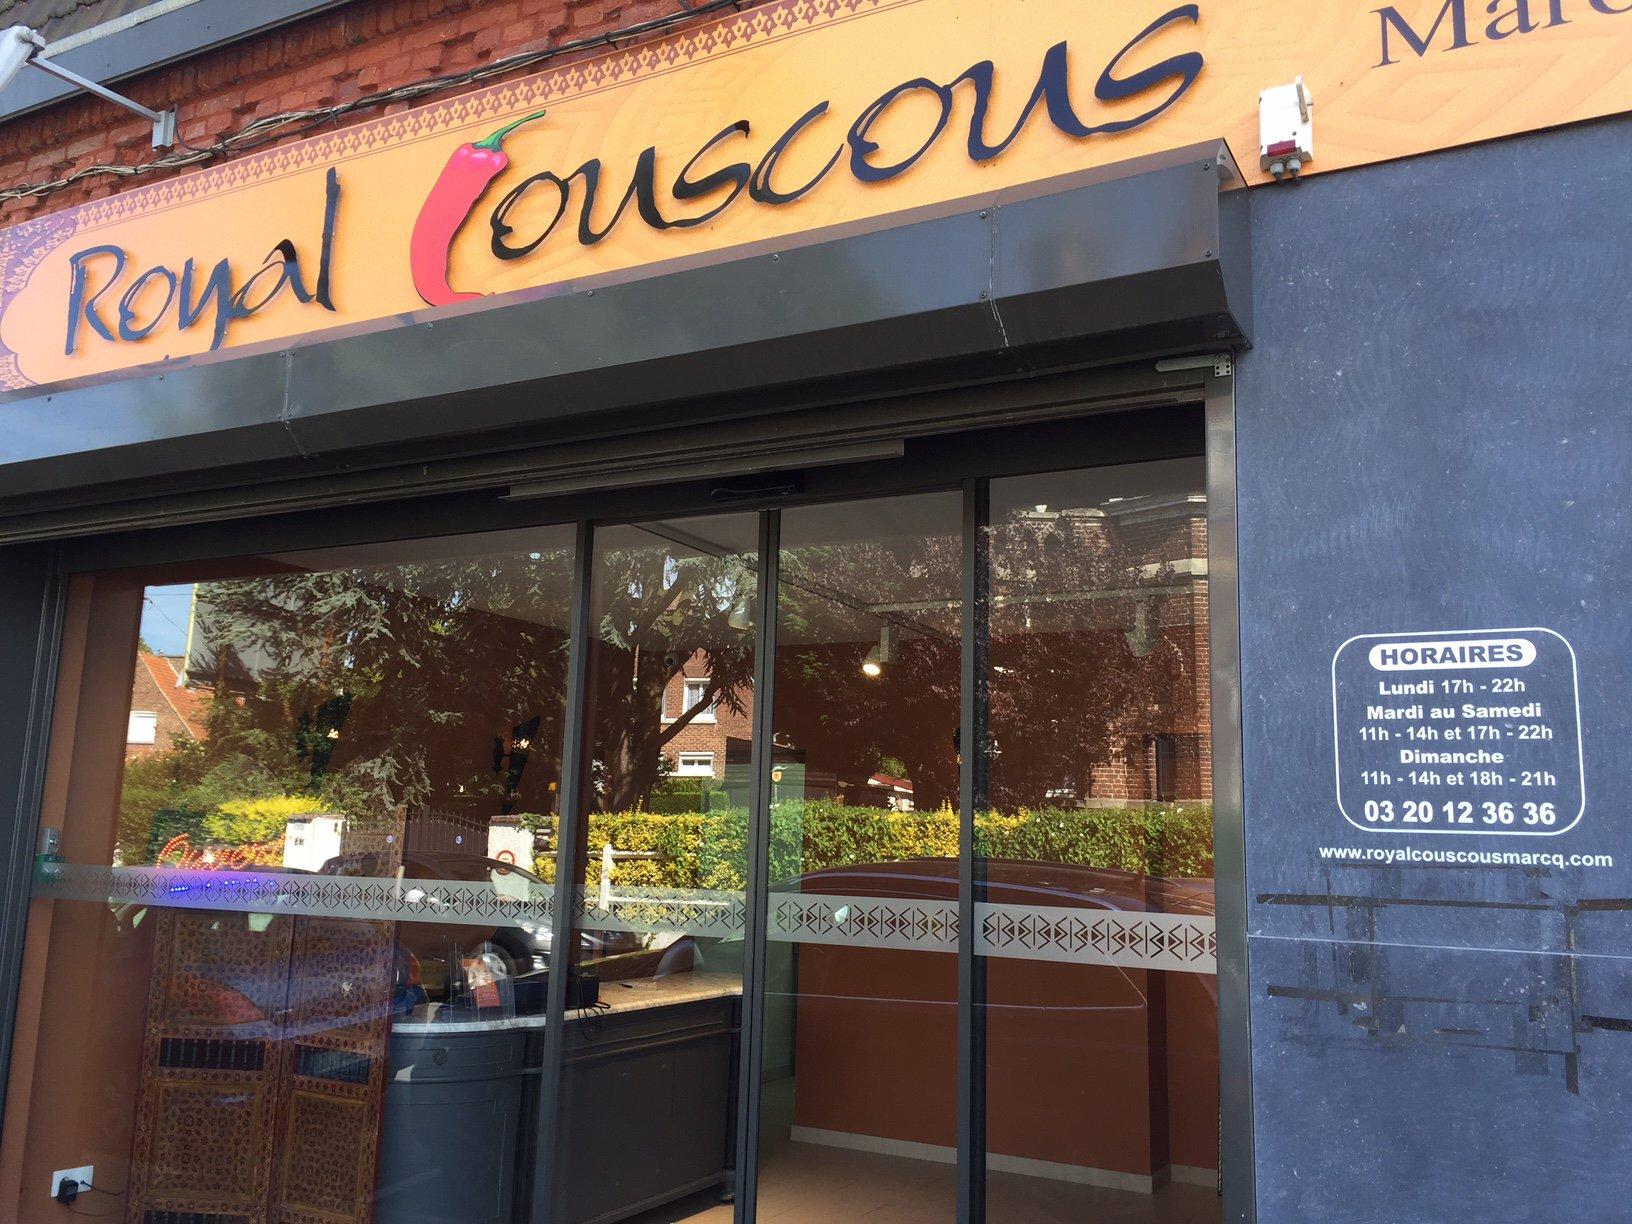 Royal Couscous-Mouvaux